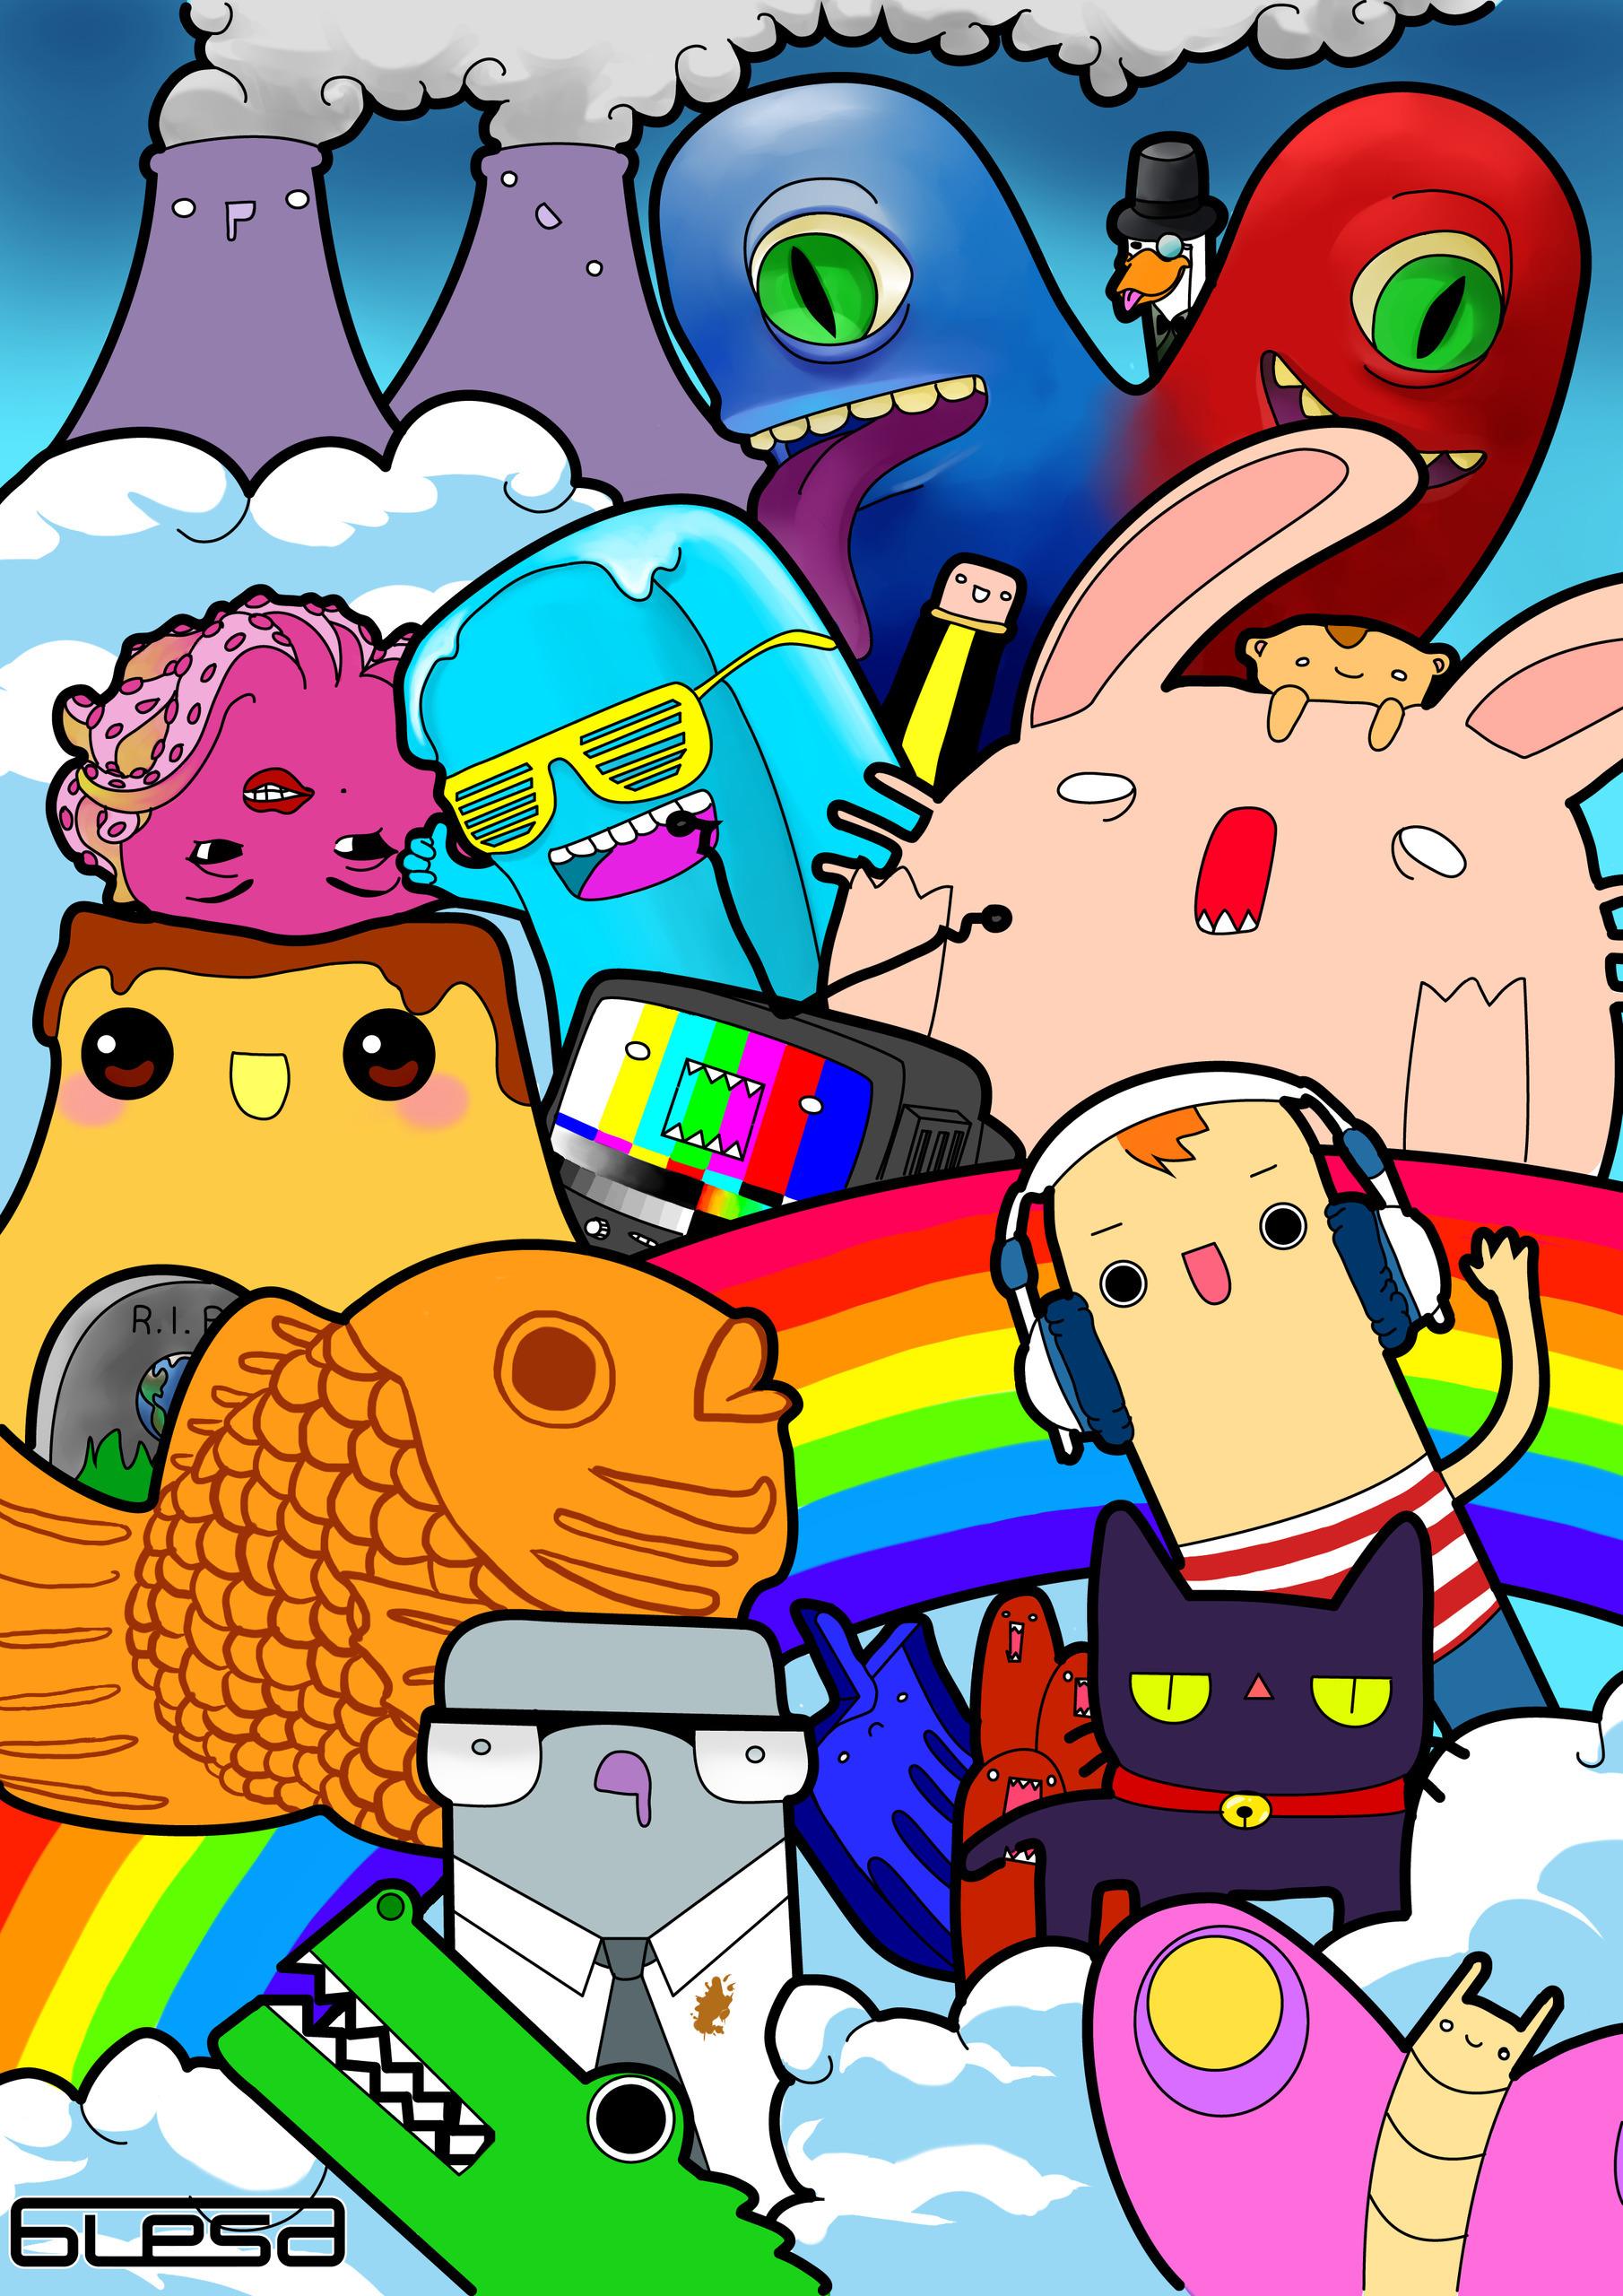 Society - society, digitalart, rainbow - alesa-7823 | ello